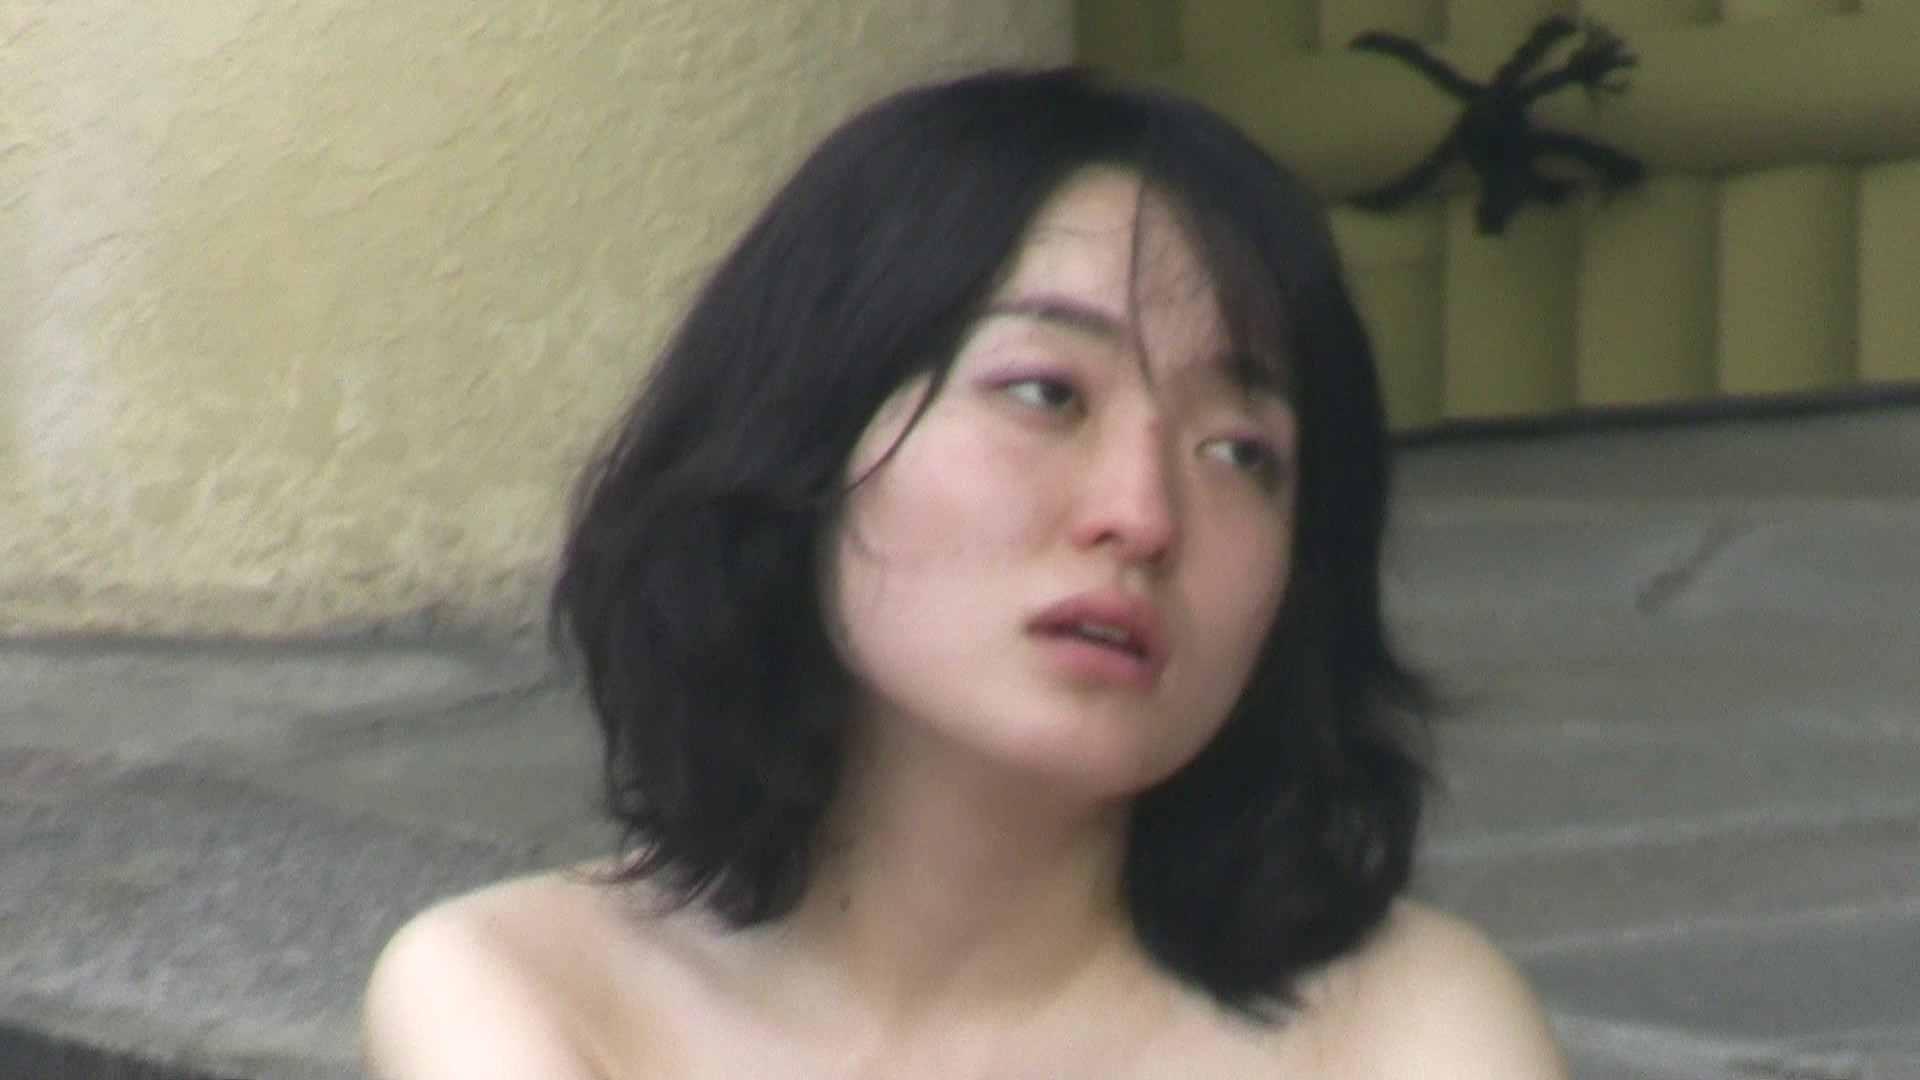 Aquaな露天風呂Vol.681 盗撮シリーズ  94PIX 54